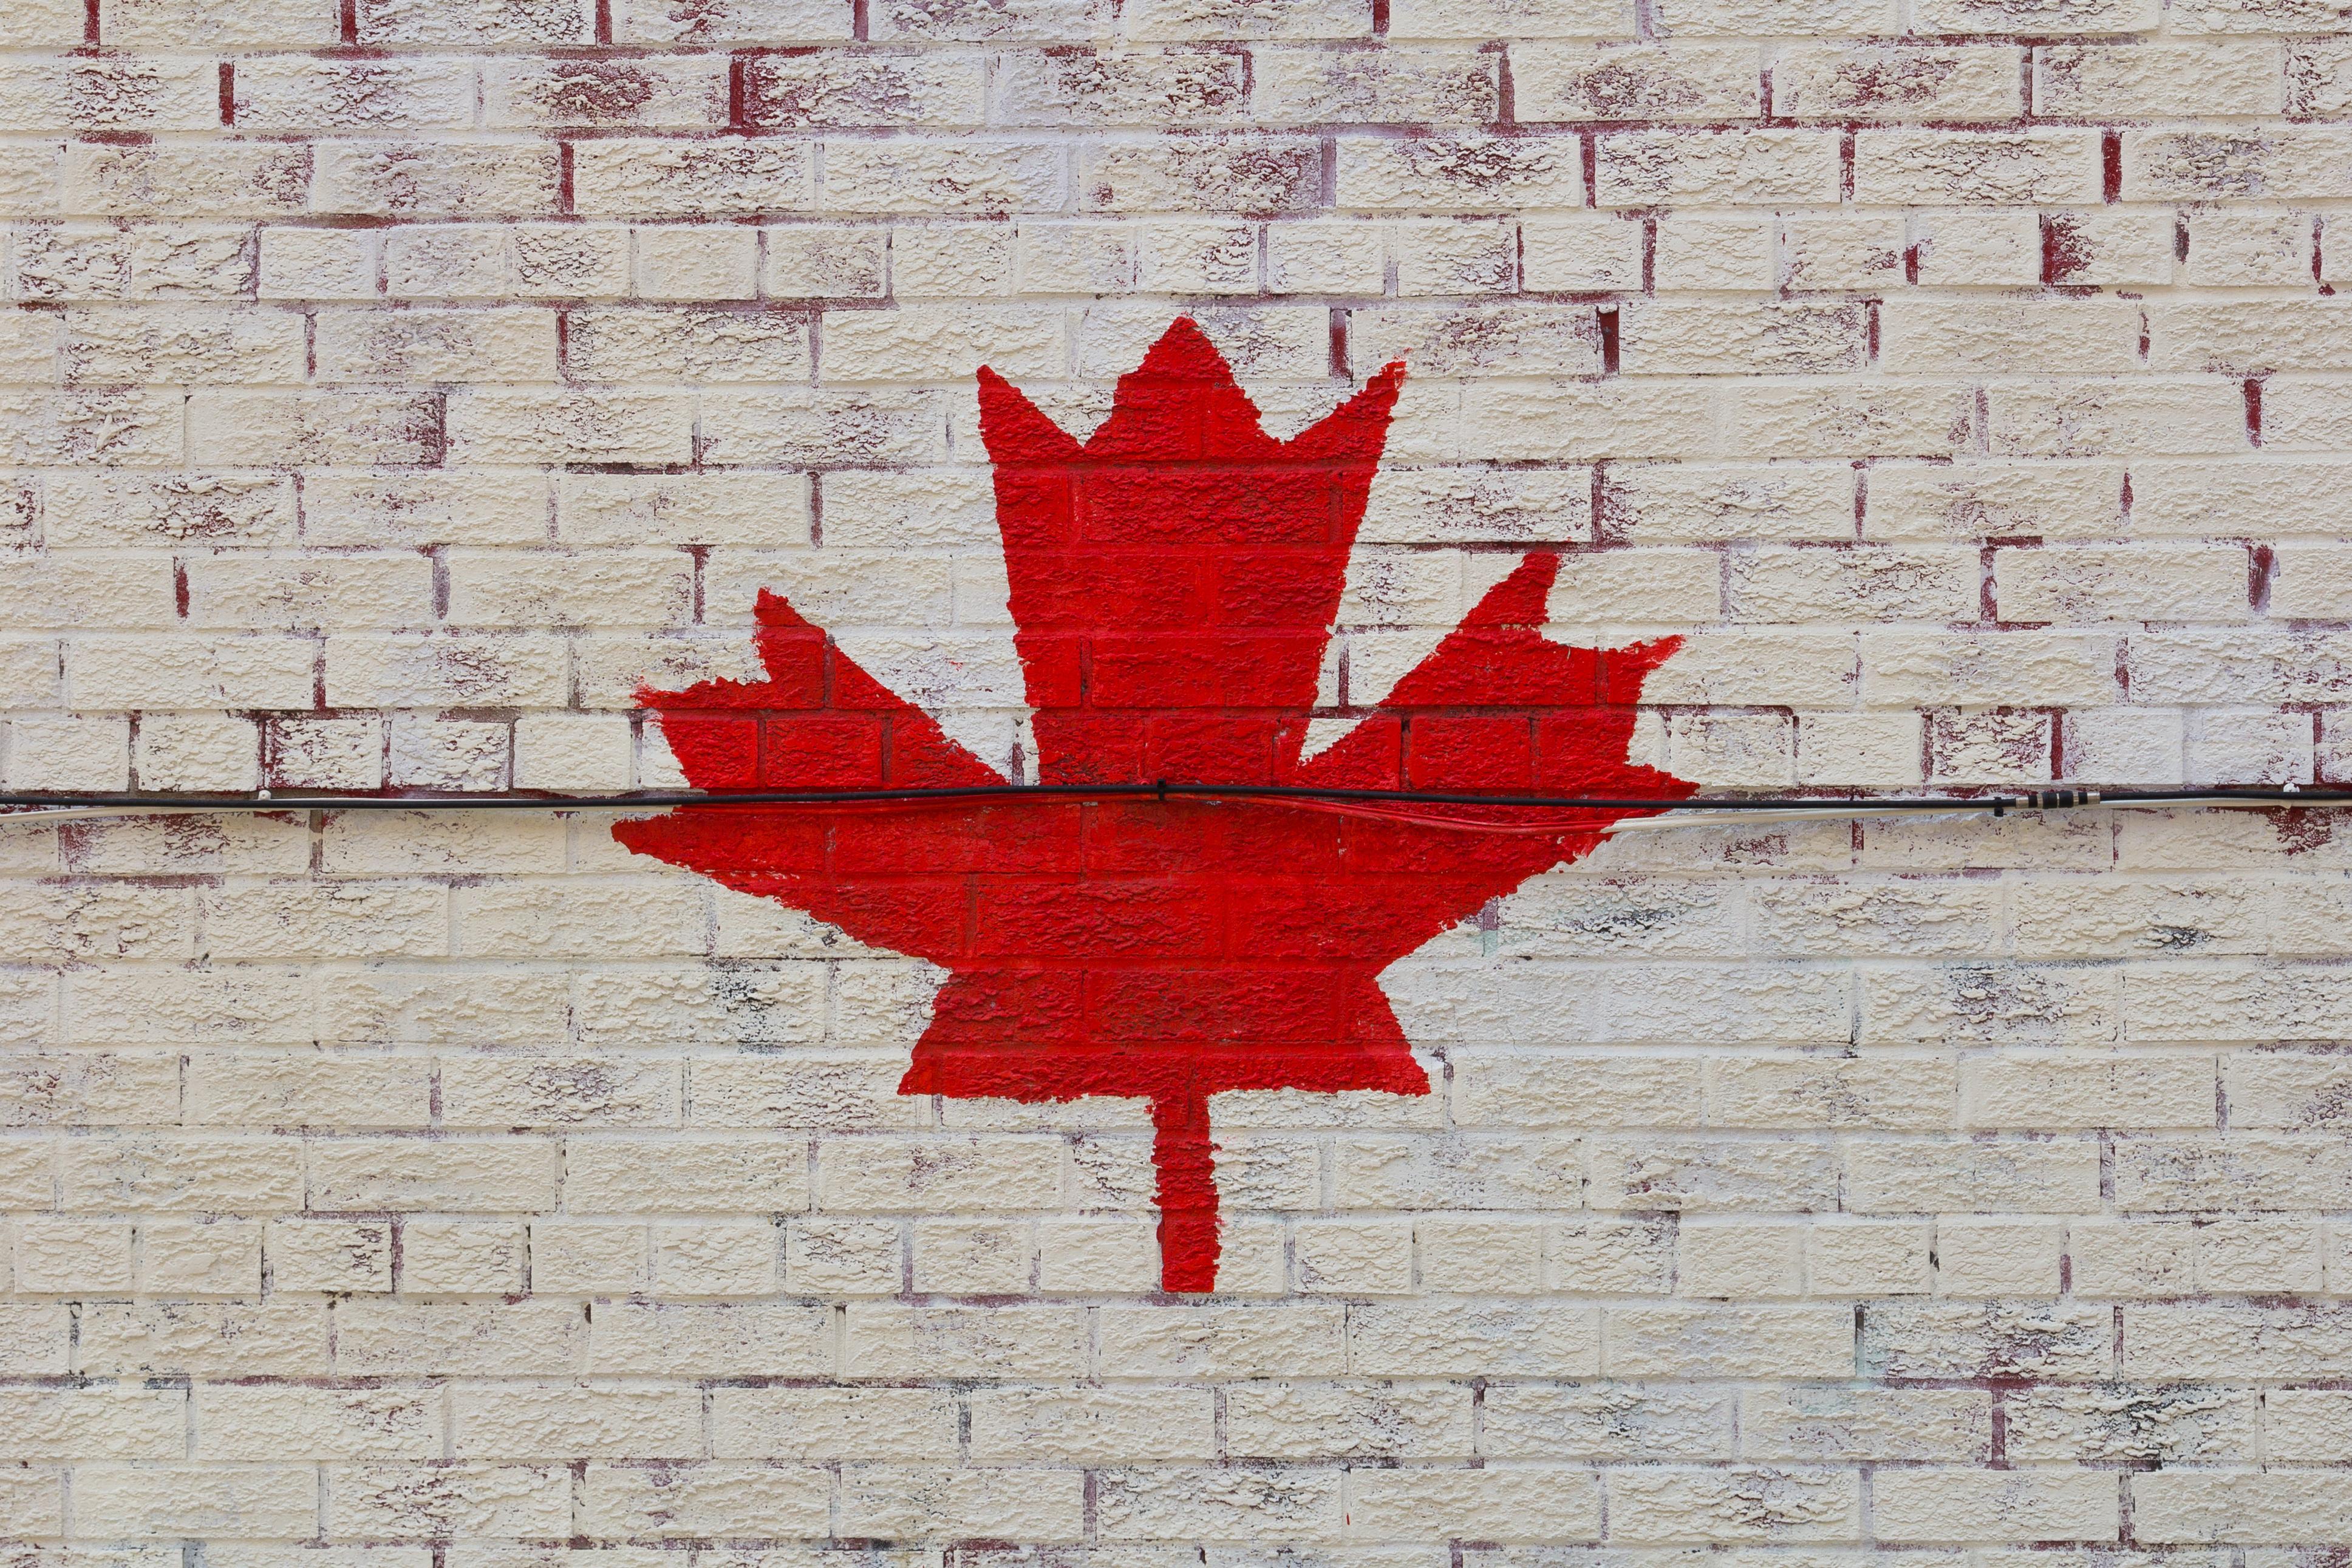 Canada Symbol on a Wall